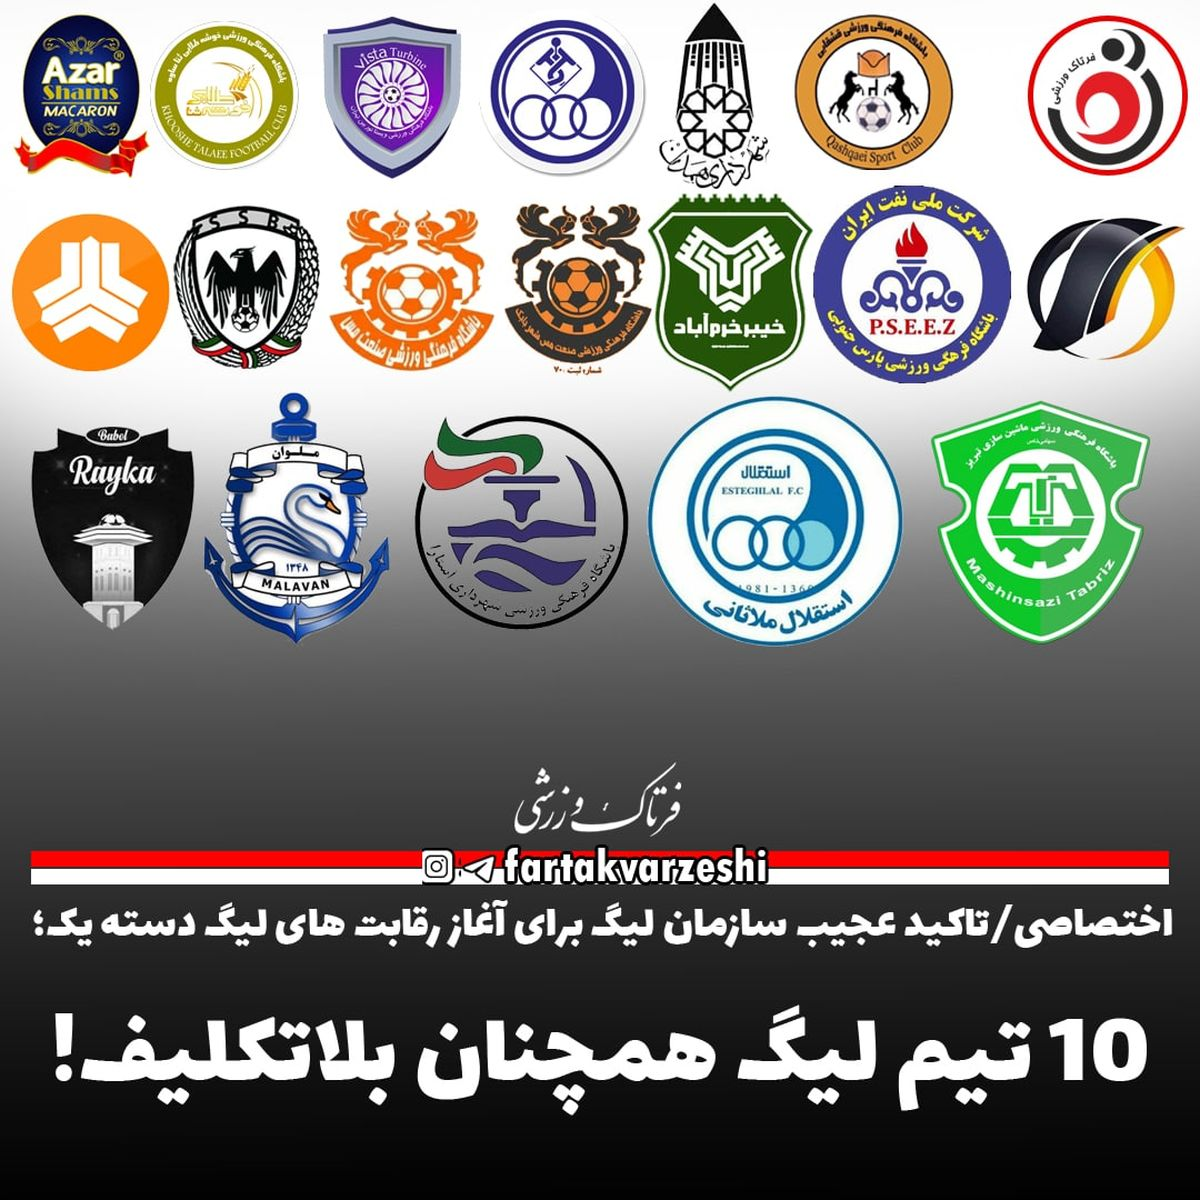 اختصاصی/تاکید عجیب سازمان لیگ برای آغاز رقابت های لیگ دسته یک؛  ۱۰ تیم لیگ همچنان بلاتکلیف!